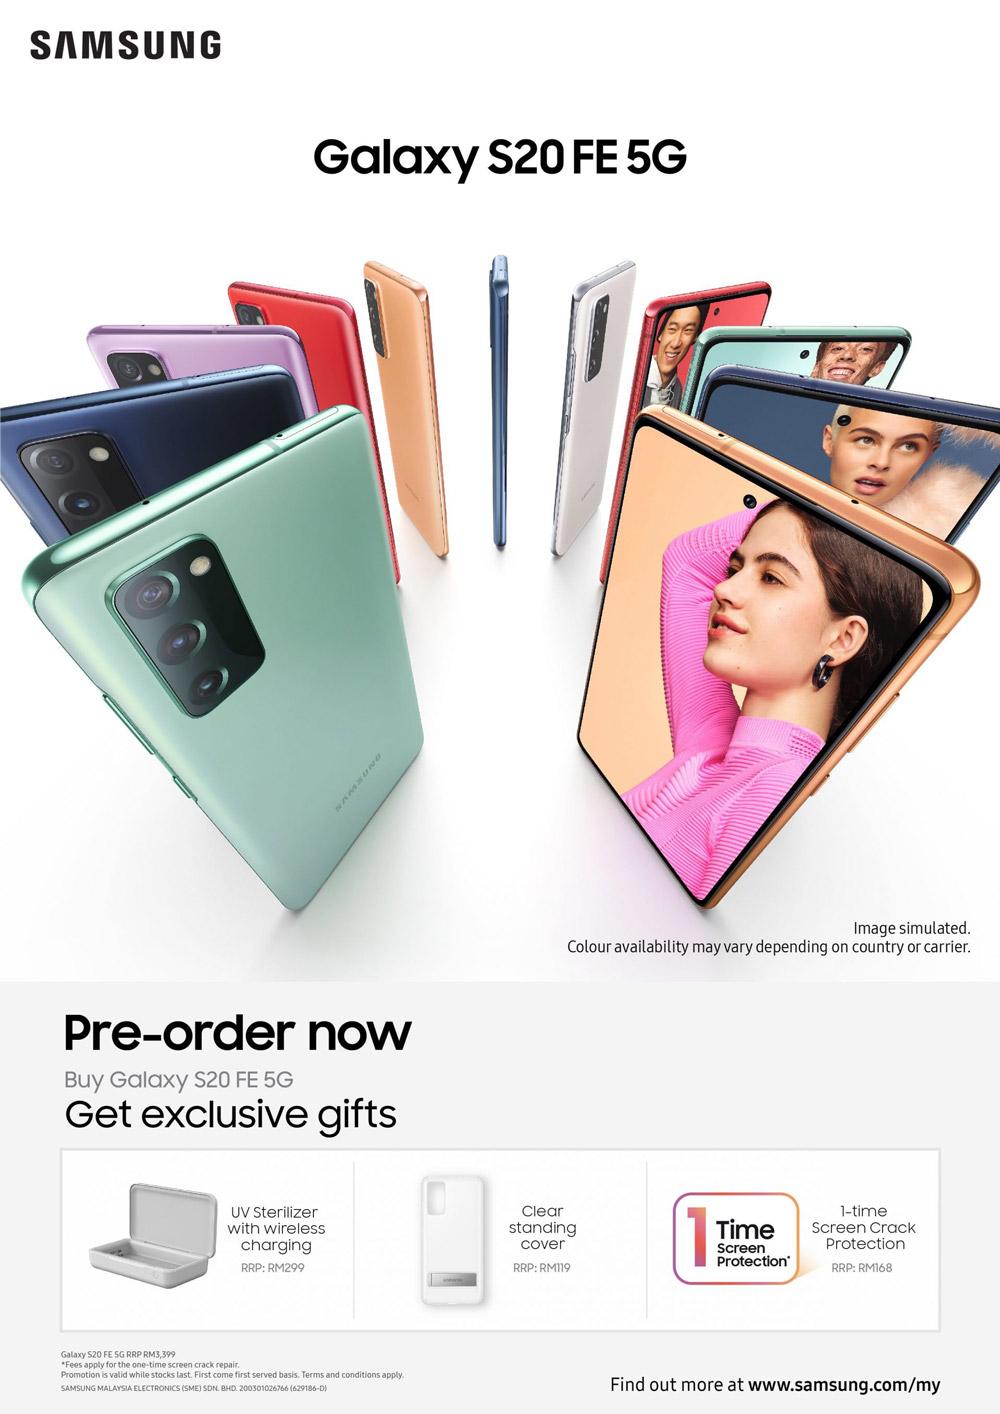 大马三星Galaxy S20 FE 5G发布:骁龙865+120Hz屏,售价RM3399! 1